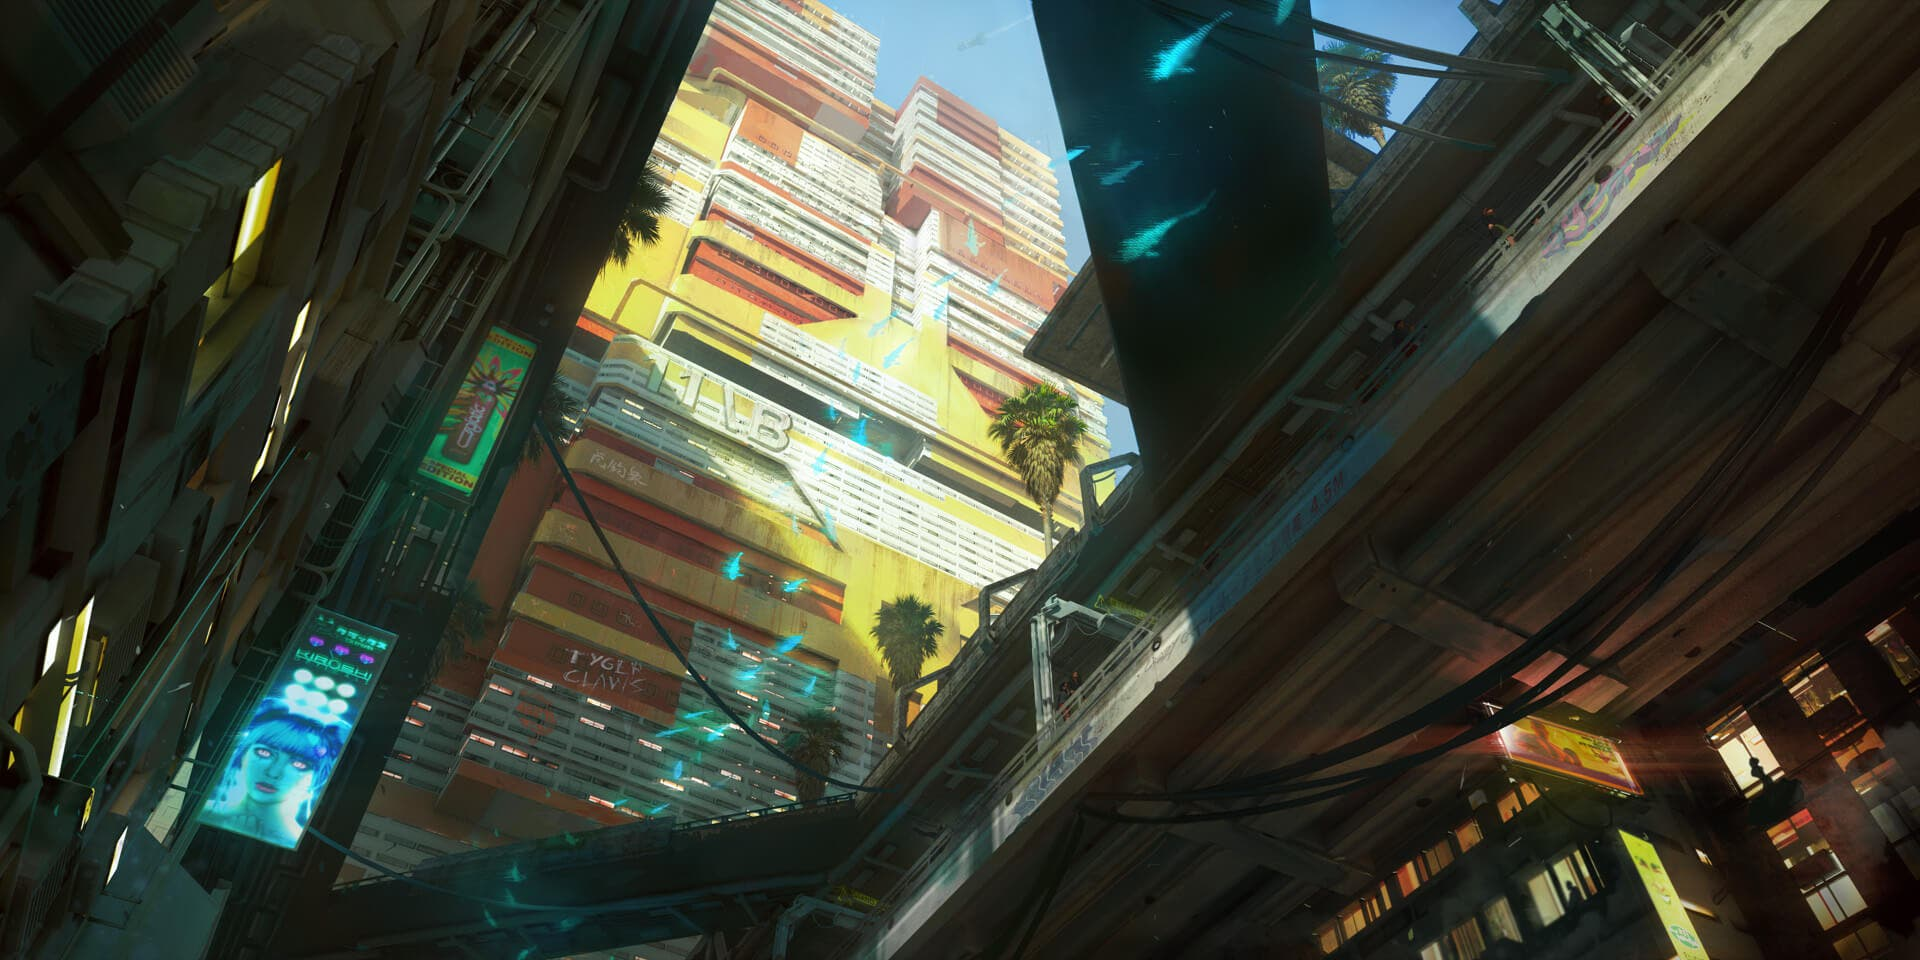 nuevo distrito de Cyberpunk 2077